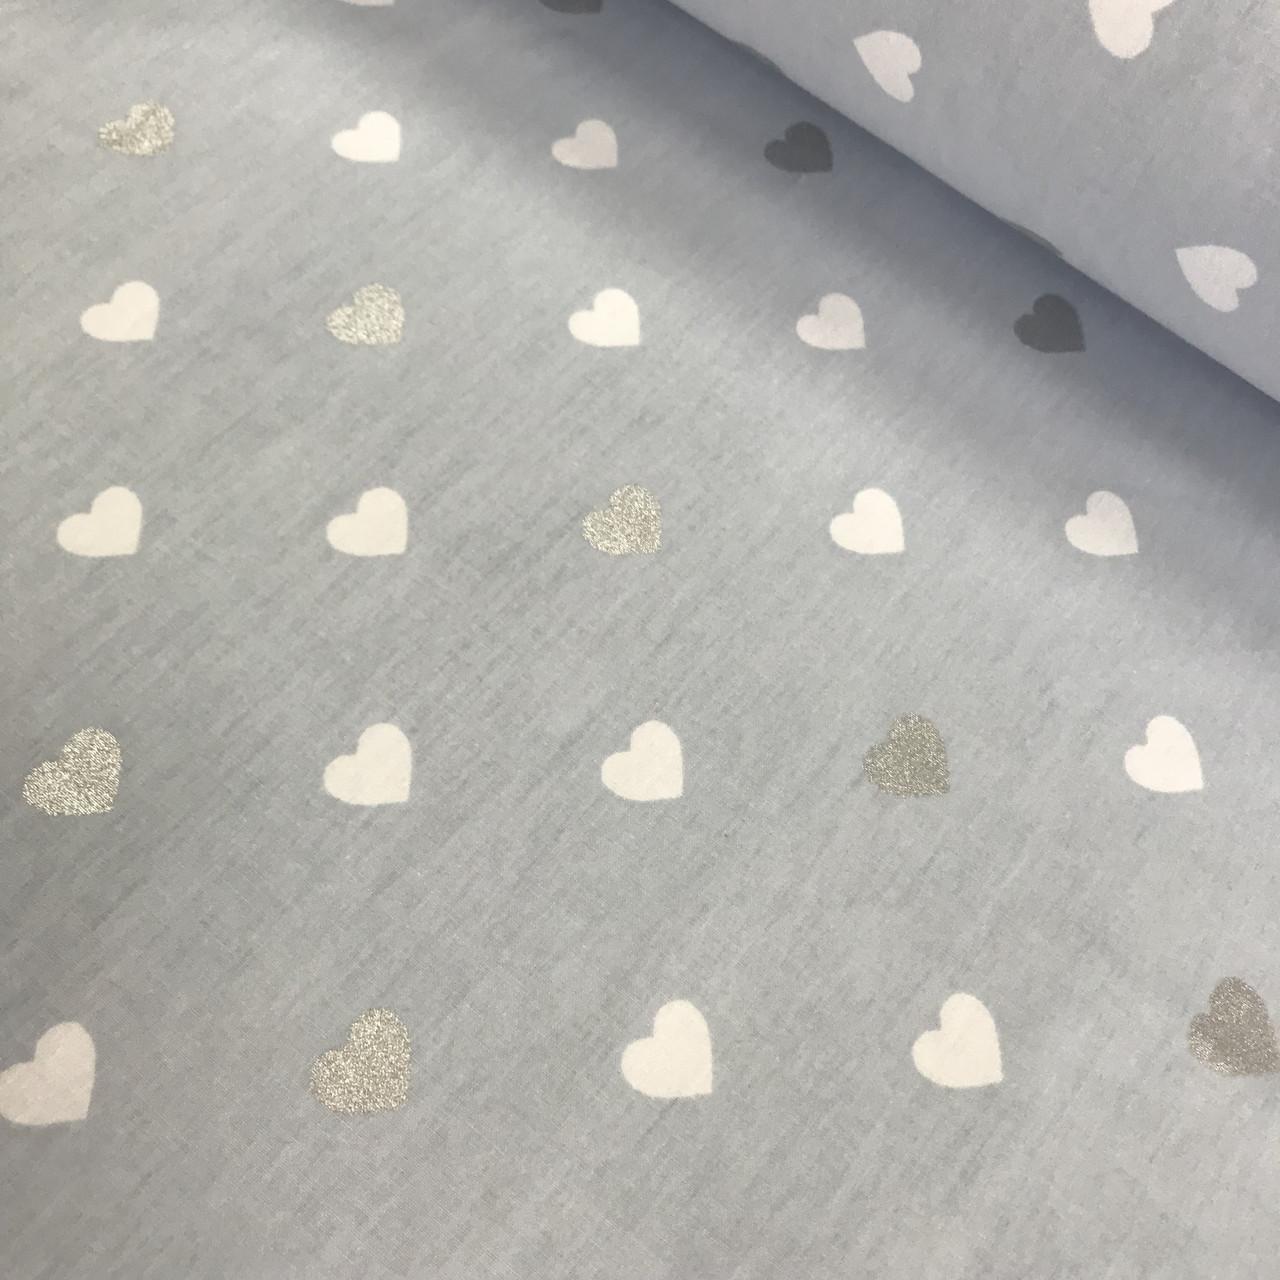 Ткань поплин сердца белые и серебряные (глиттер) на голубом (ТУРЦИЯ шир. 2,4 м) № 33-31